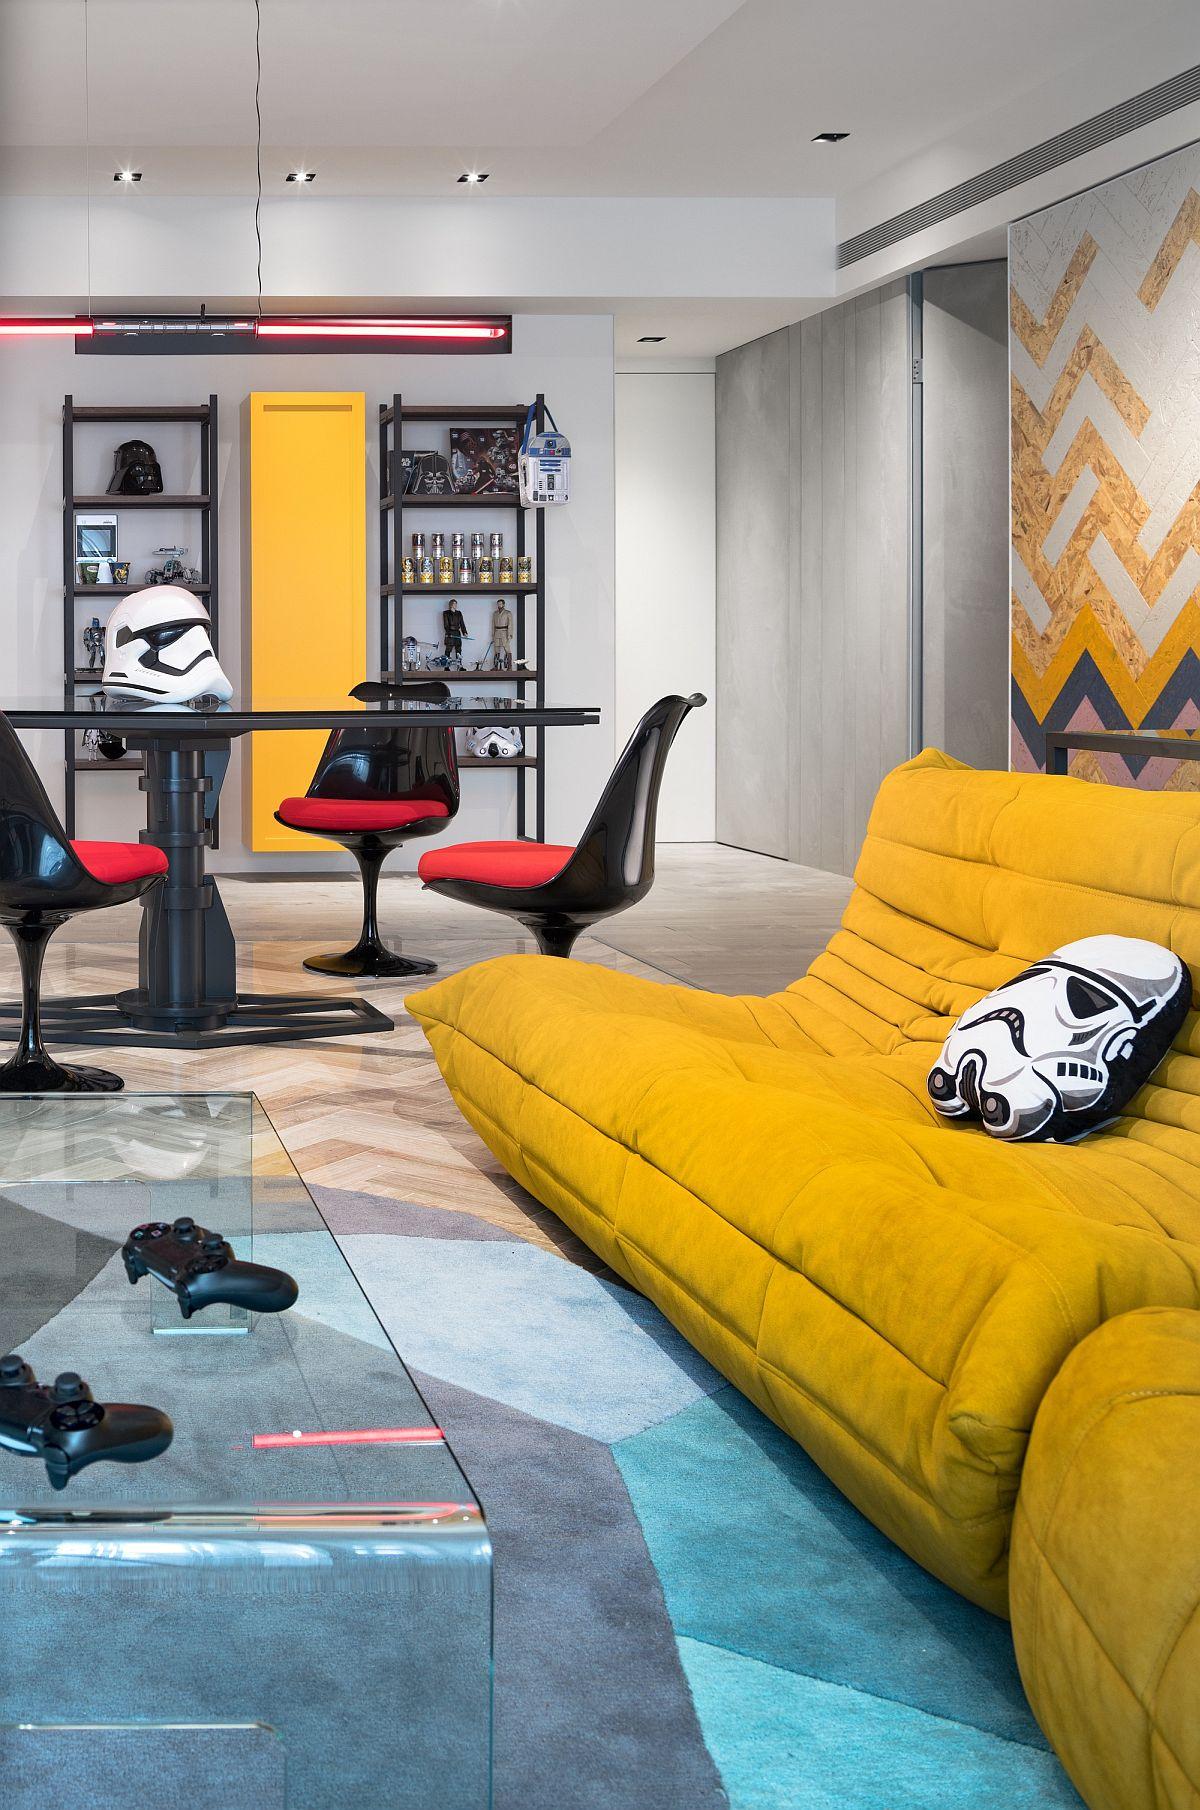 apartament-s-interior-koito-vi-prenasq-v-drugo-izmerenie-5g